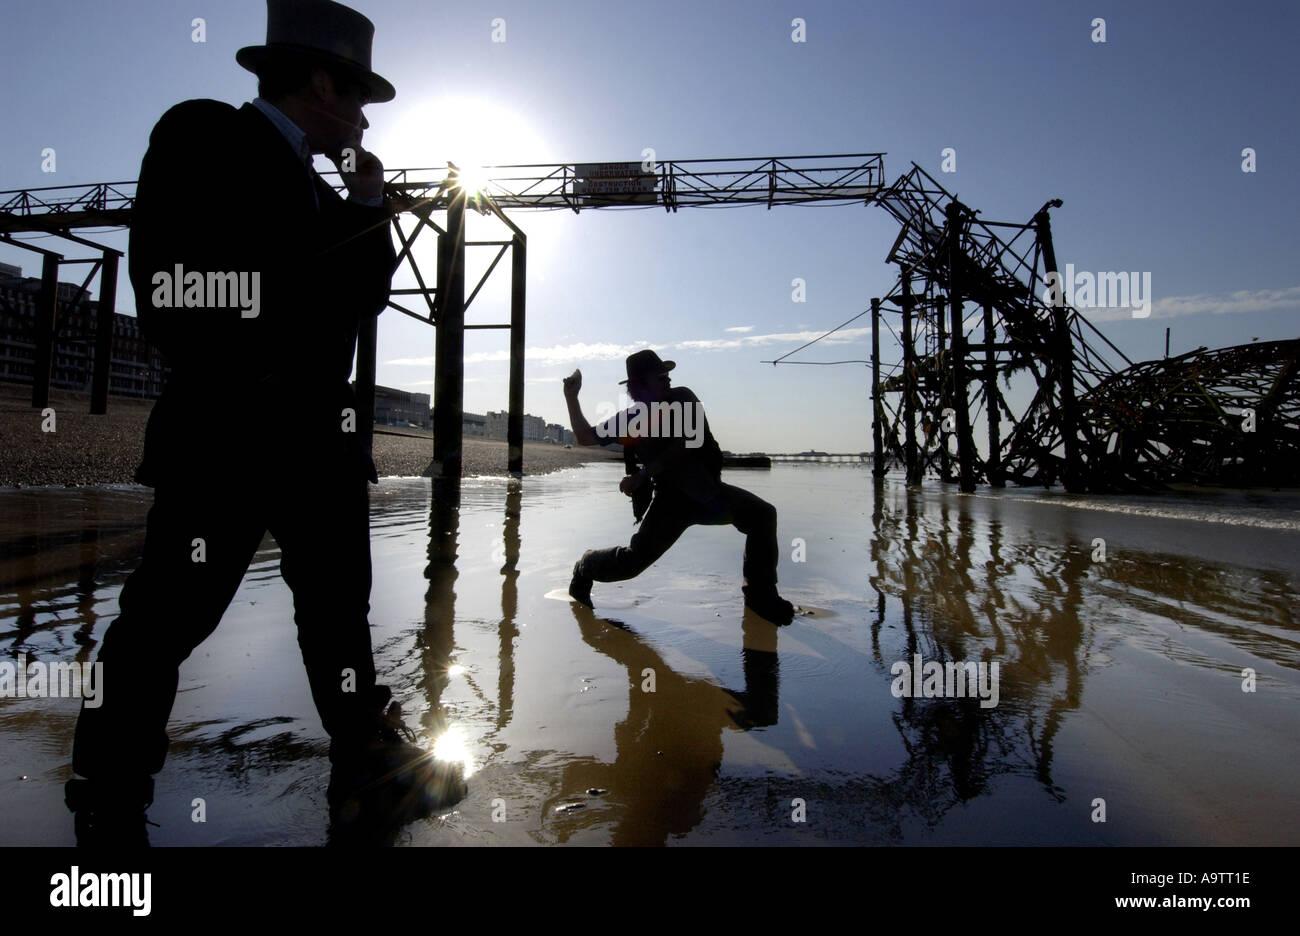 L'écrémage de pierre la concurrence sur la plage de Brighton. Candidat à l'un des lobs une pierre, surveillée par un juge dans un top hat Banque D'Images